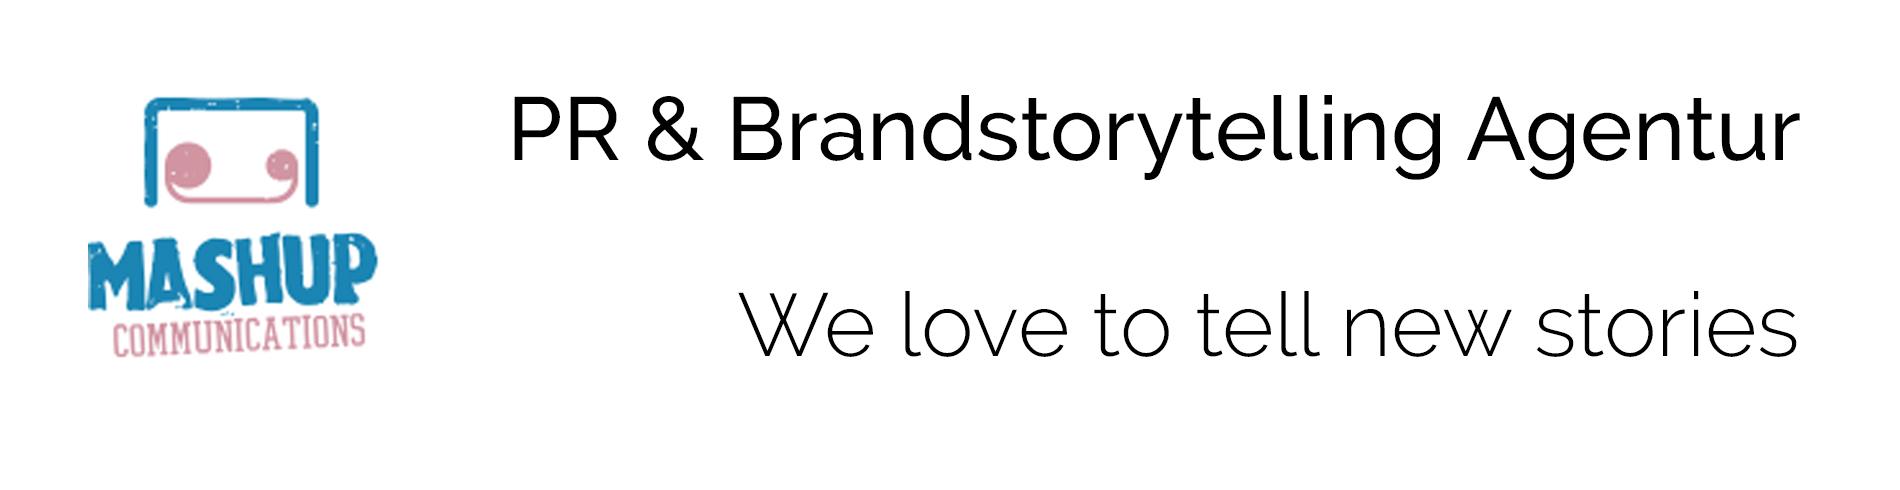 PR & Brand Storytelling Agentur cover image